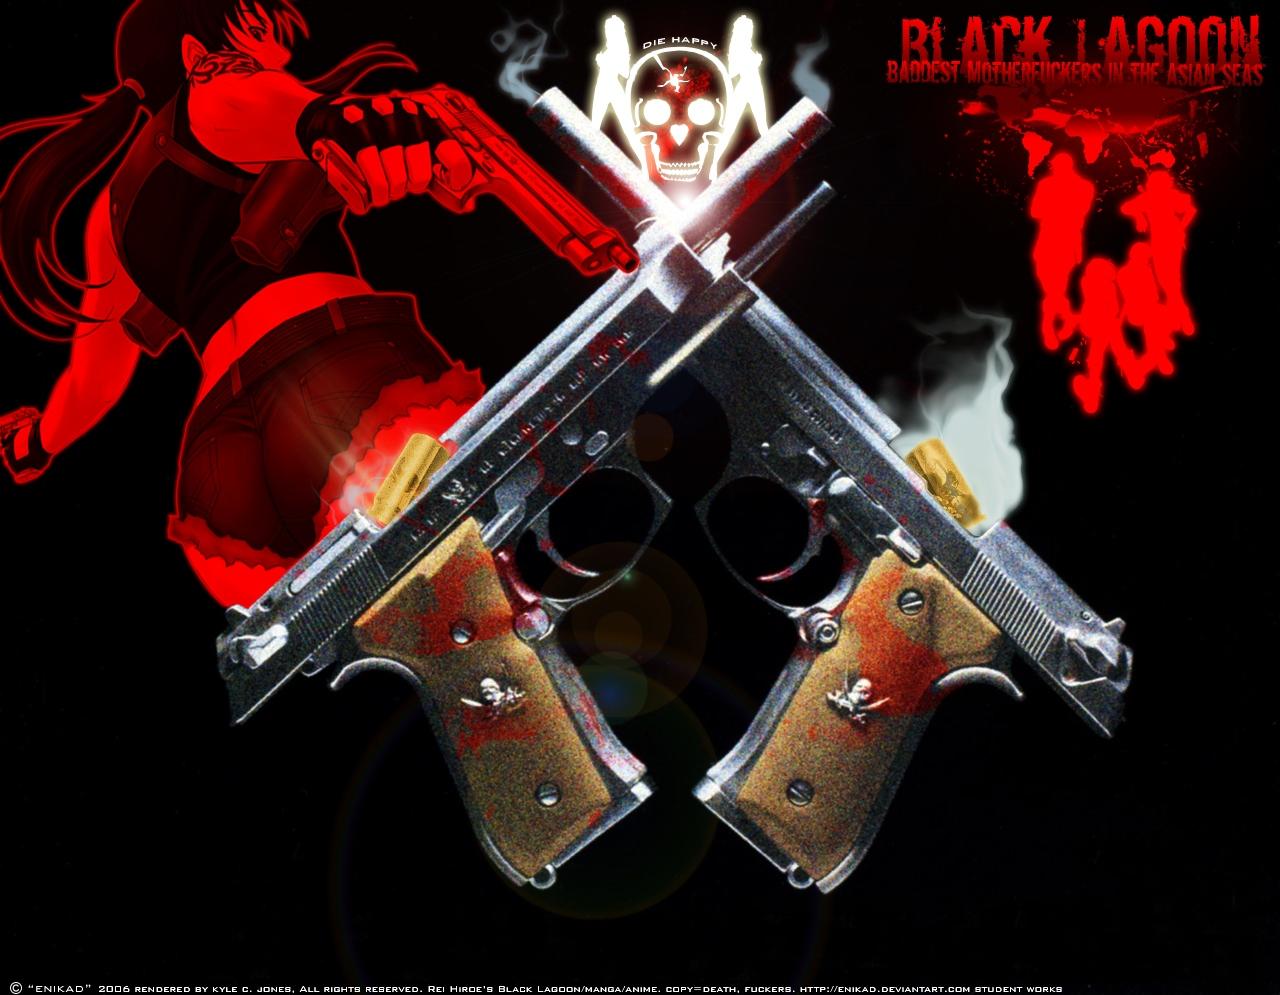 ブラックラグーン拳銃